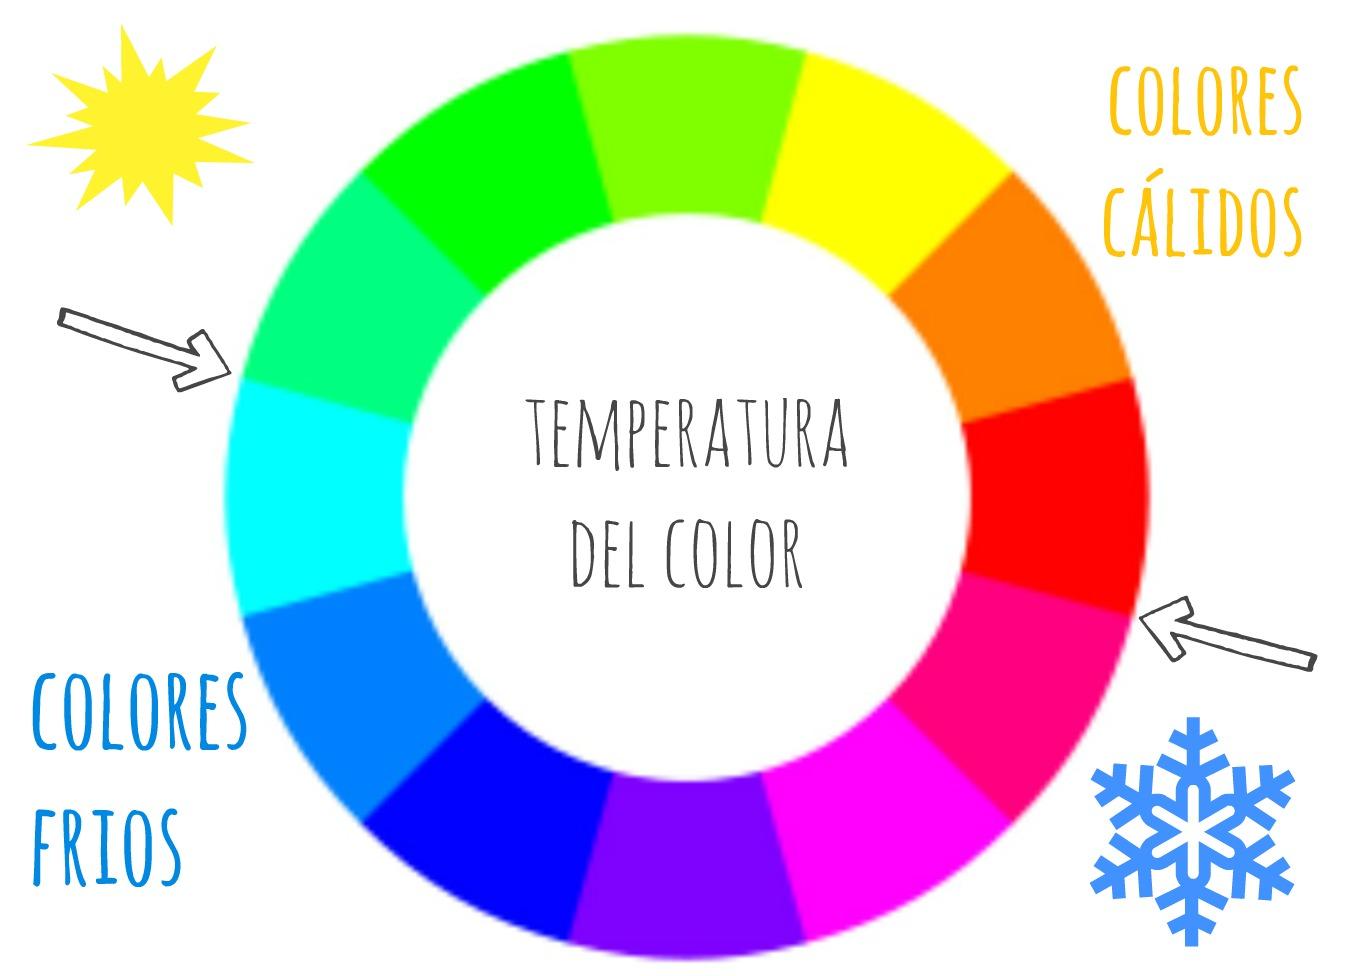 Nitidez y color sharpen color el nido de mam gallina - Colores calidos frios ...